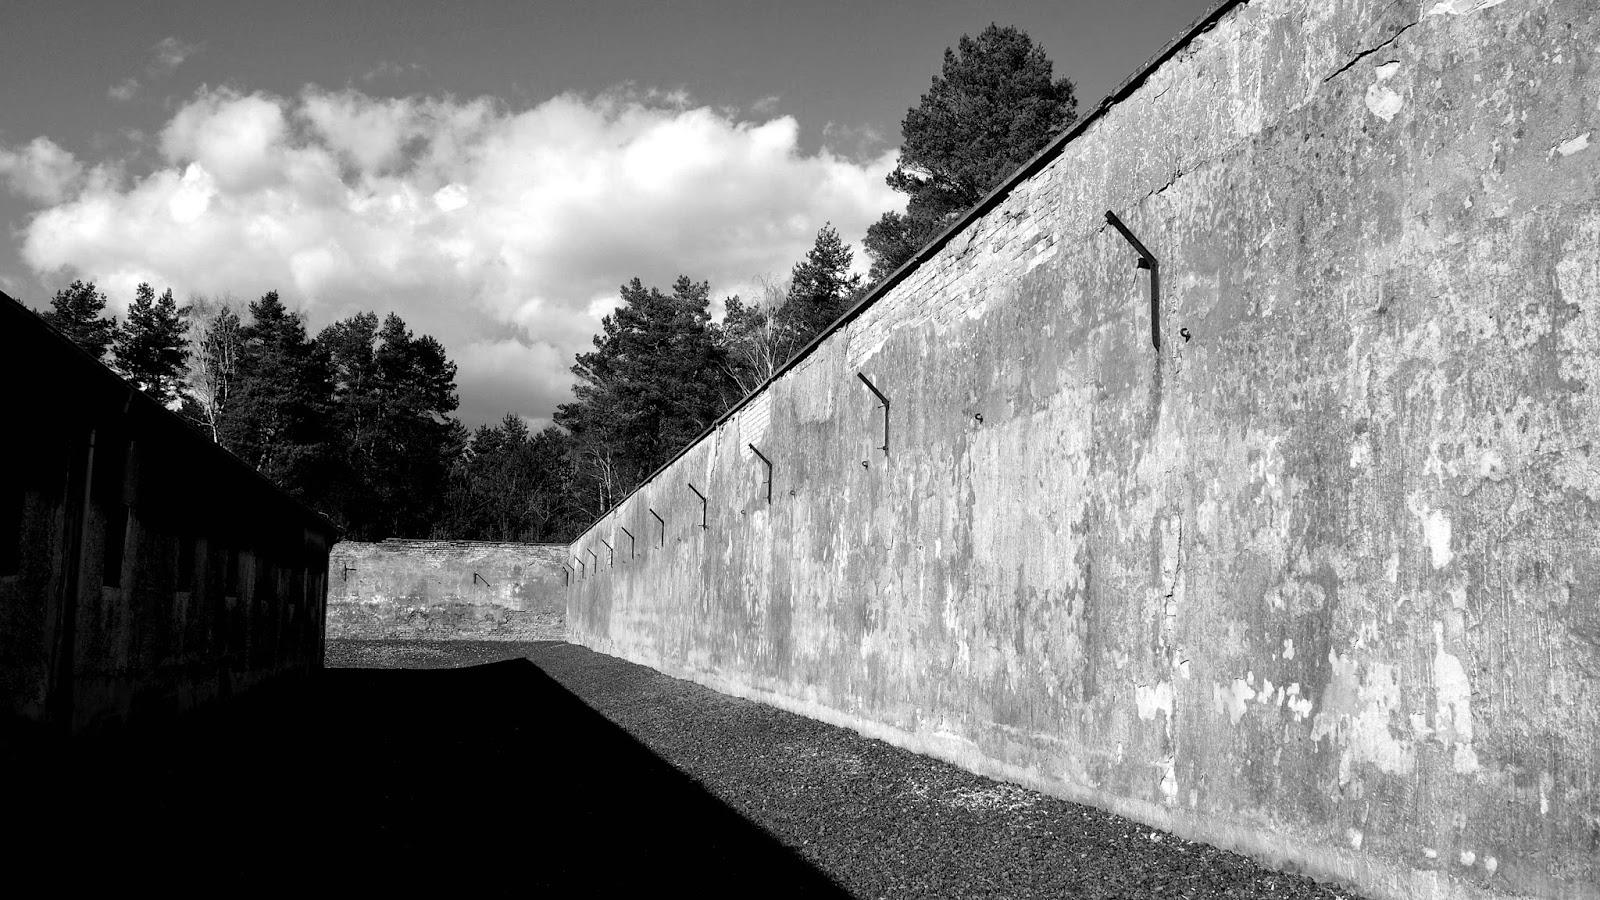 Rechts eine Mauer mit Befestigungen für Stacheldraht. Links ein Werkstattgebäude, eingeschossig.